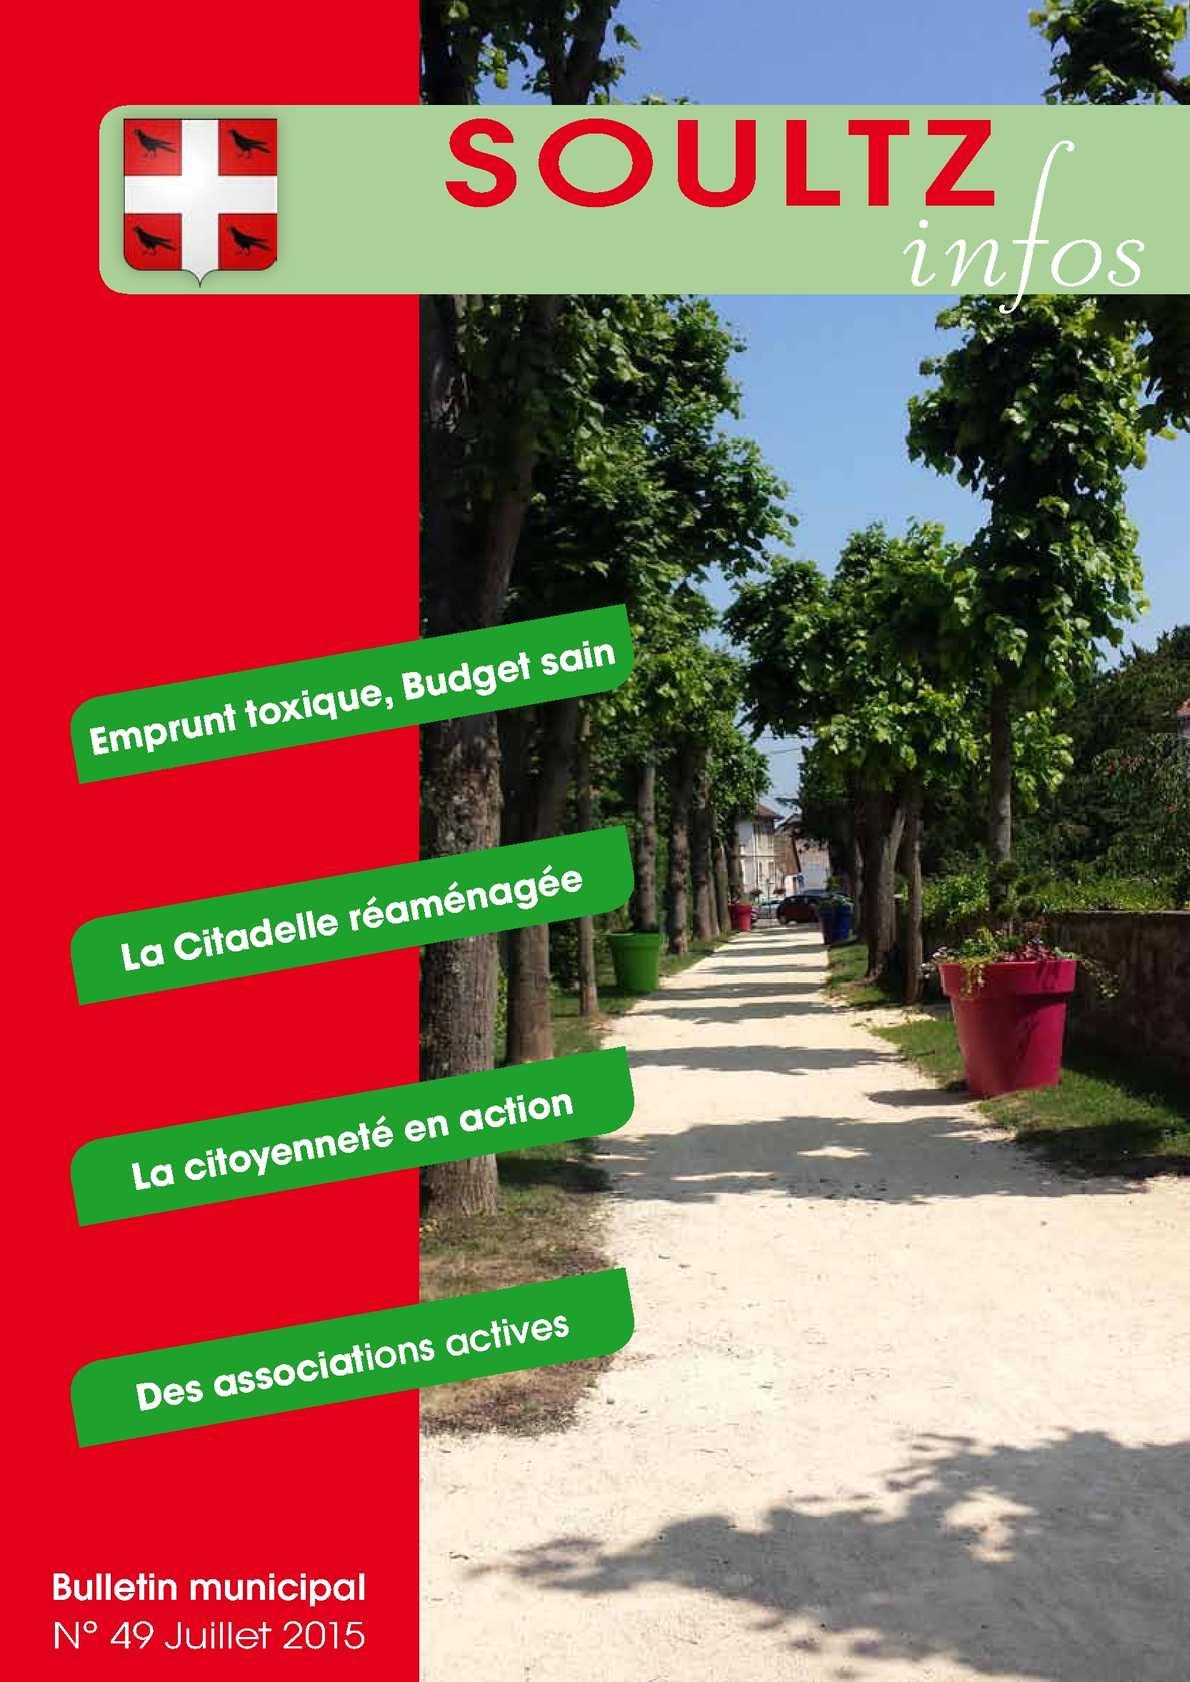 Calam O Bulletin D Information Municipal Soultz N 49  ~ Combien Coute Une Stere De Bois